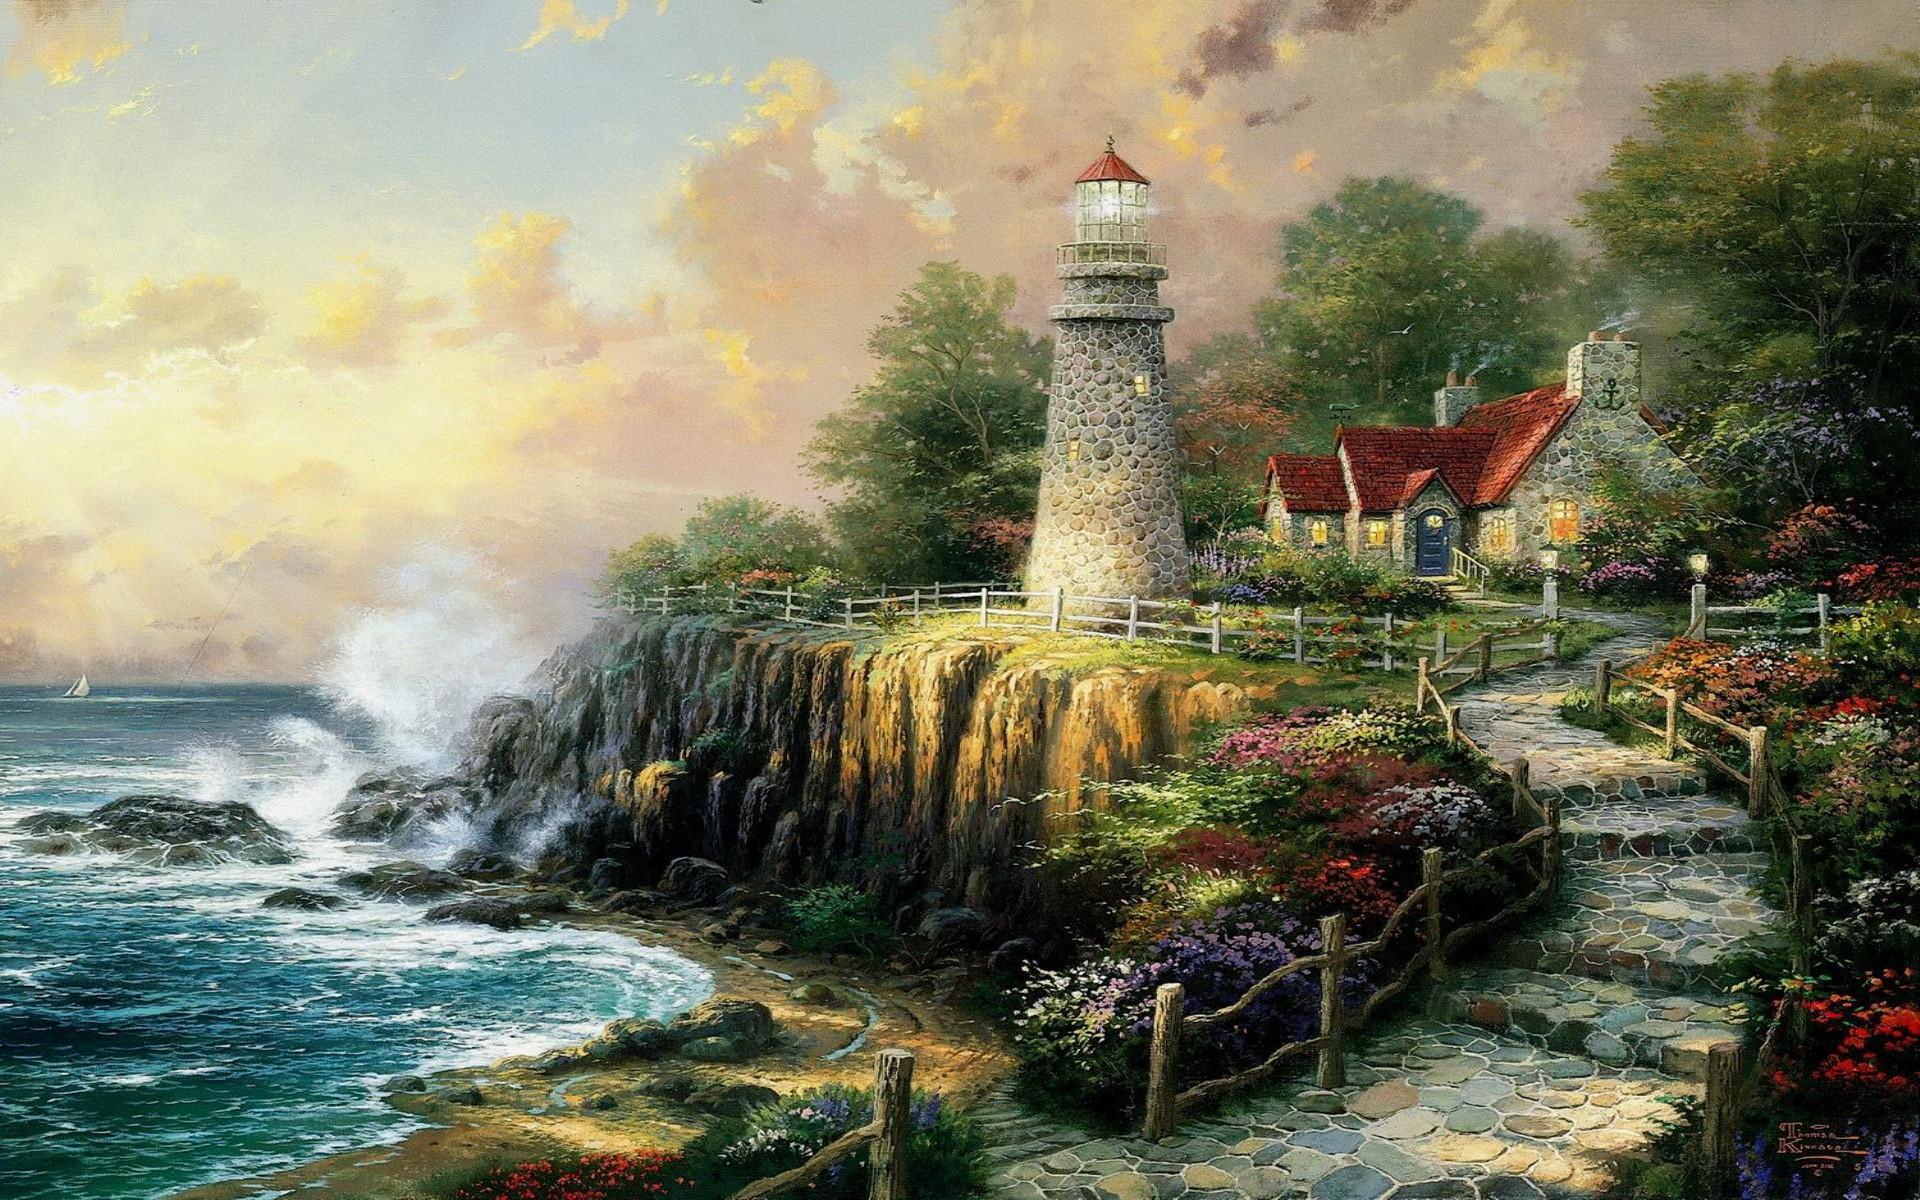 140 best Thomas Kinkade images on Pinterest | Thomas kinkade, Paintings and  Image